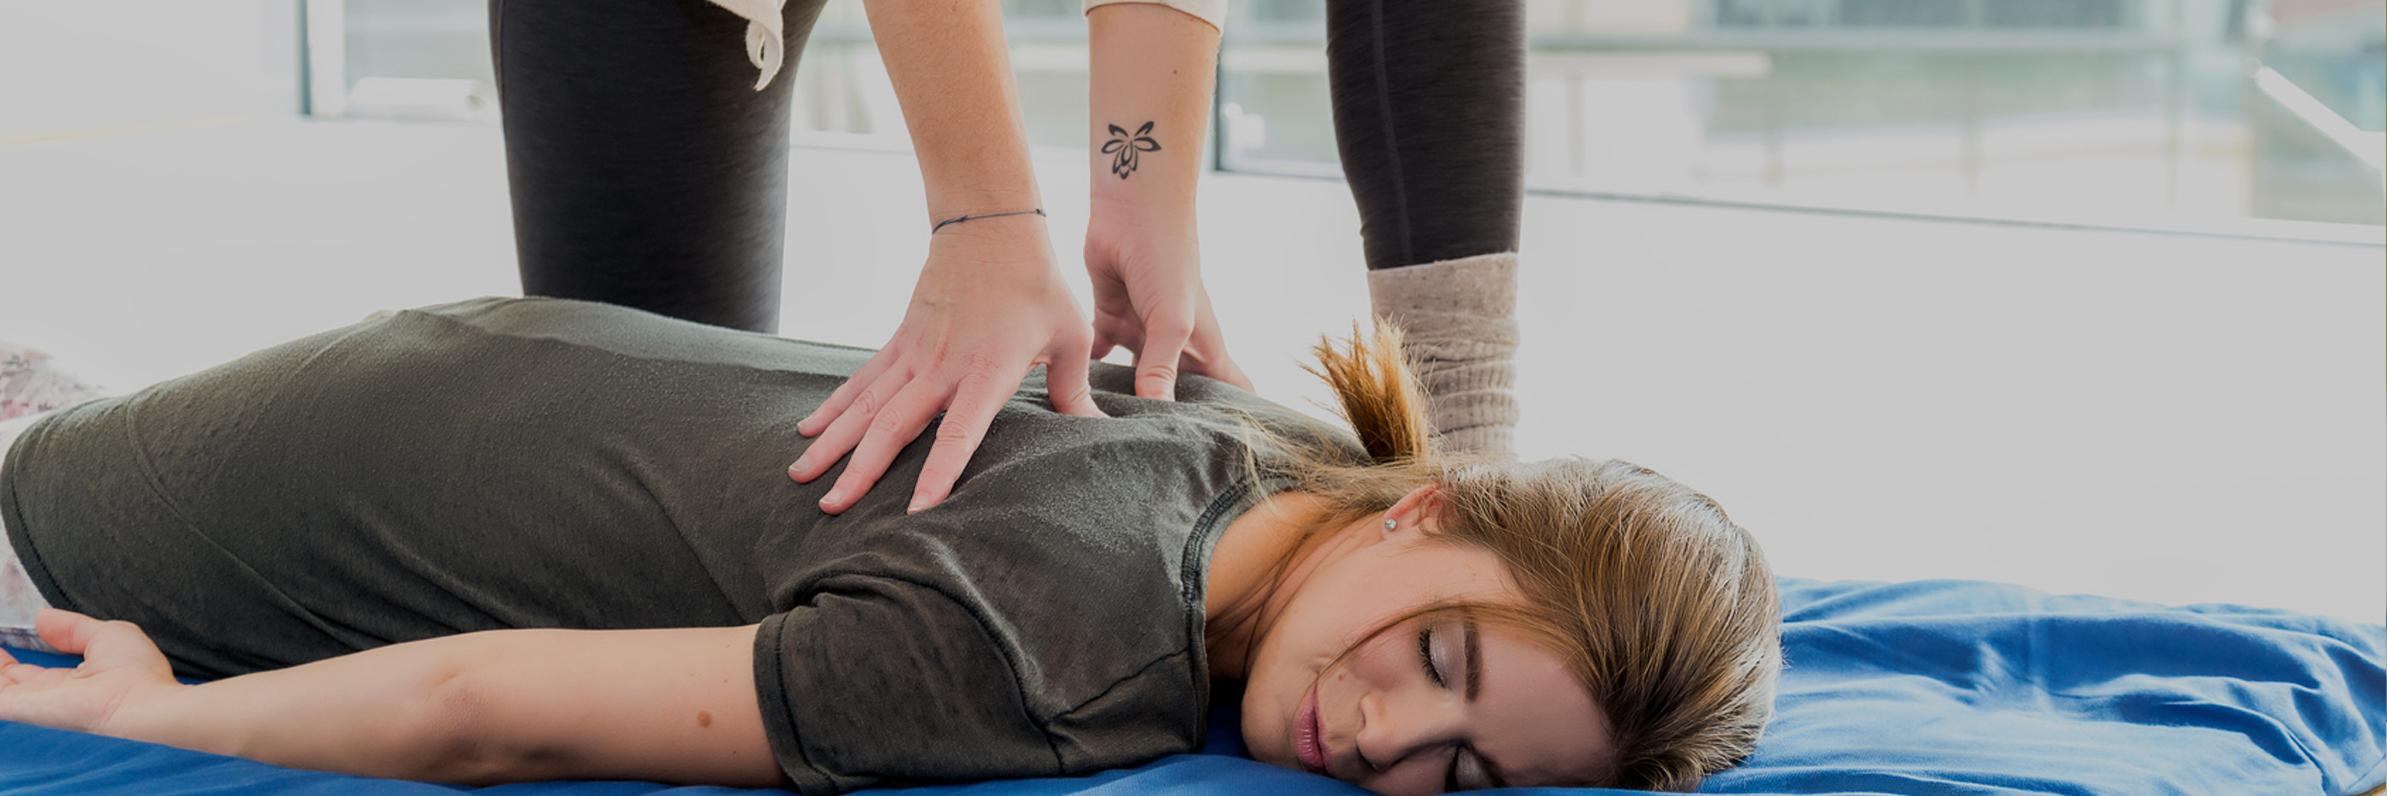 Sportmassage Spessart-Klinik